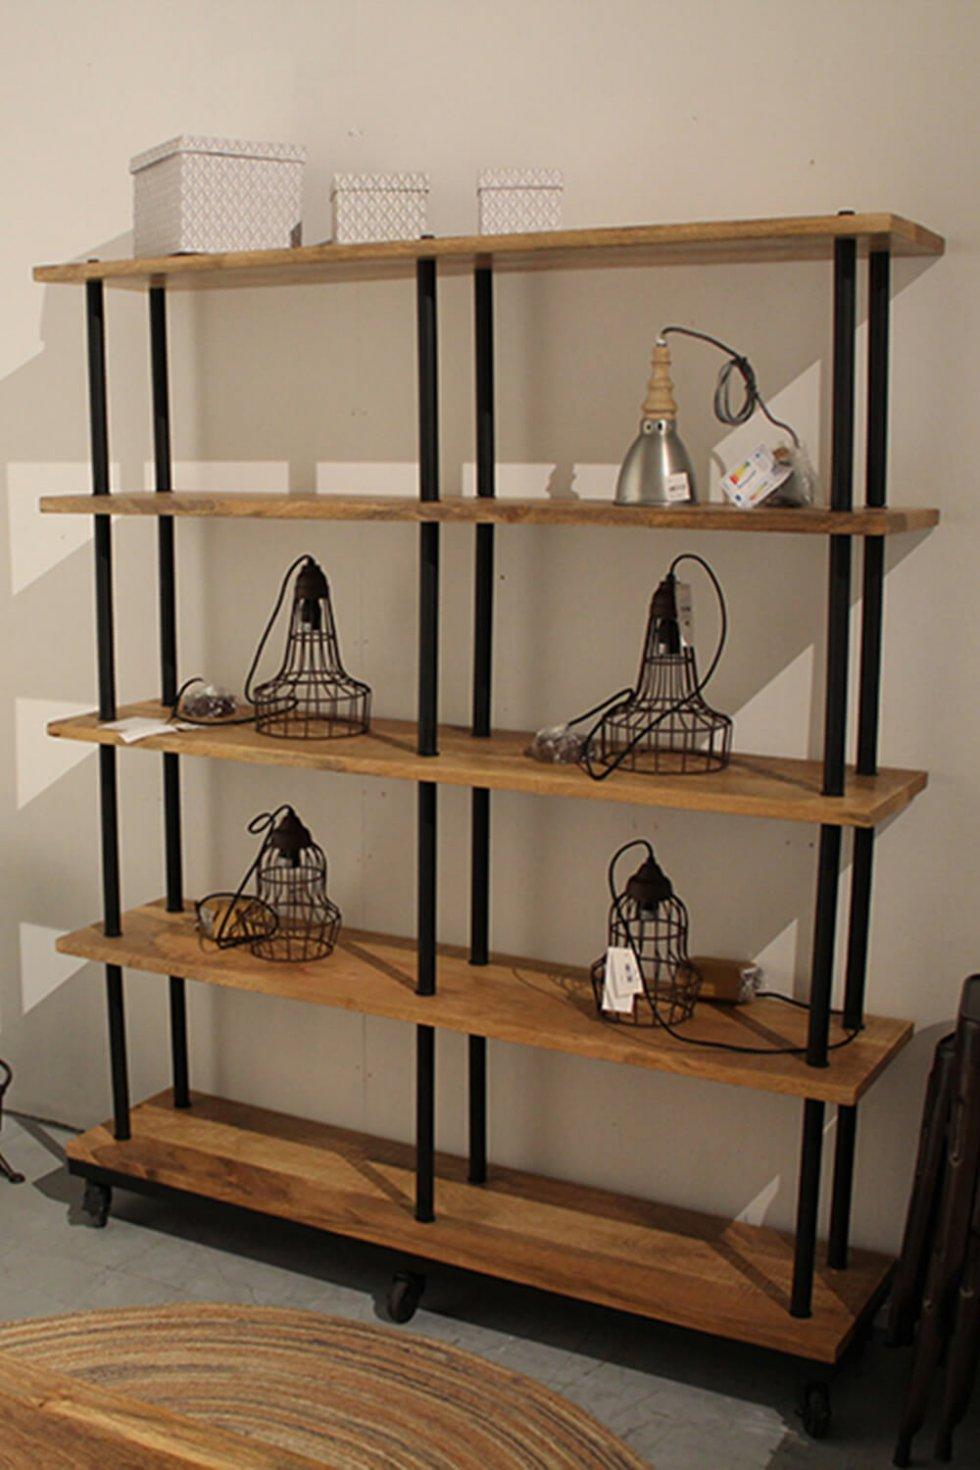 K002 open industriële kast of room divider van quip&Co met vintage karakter